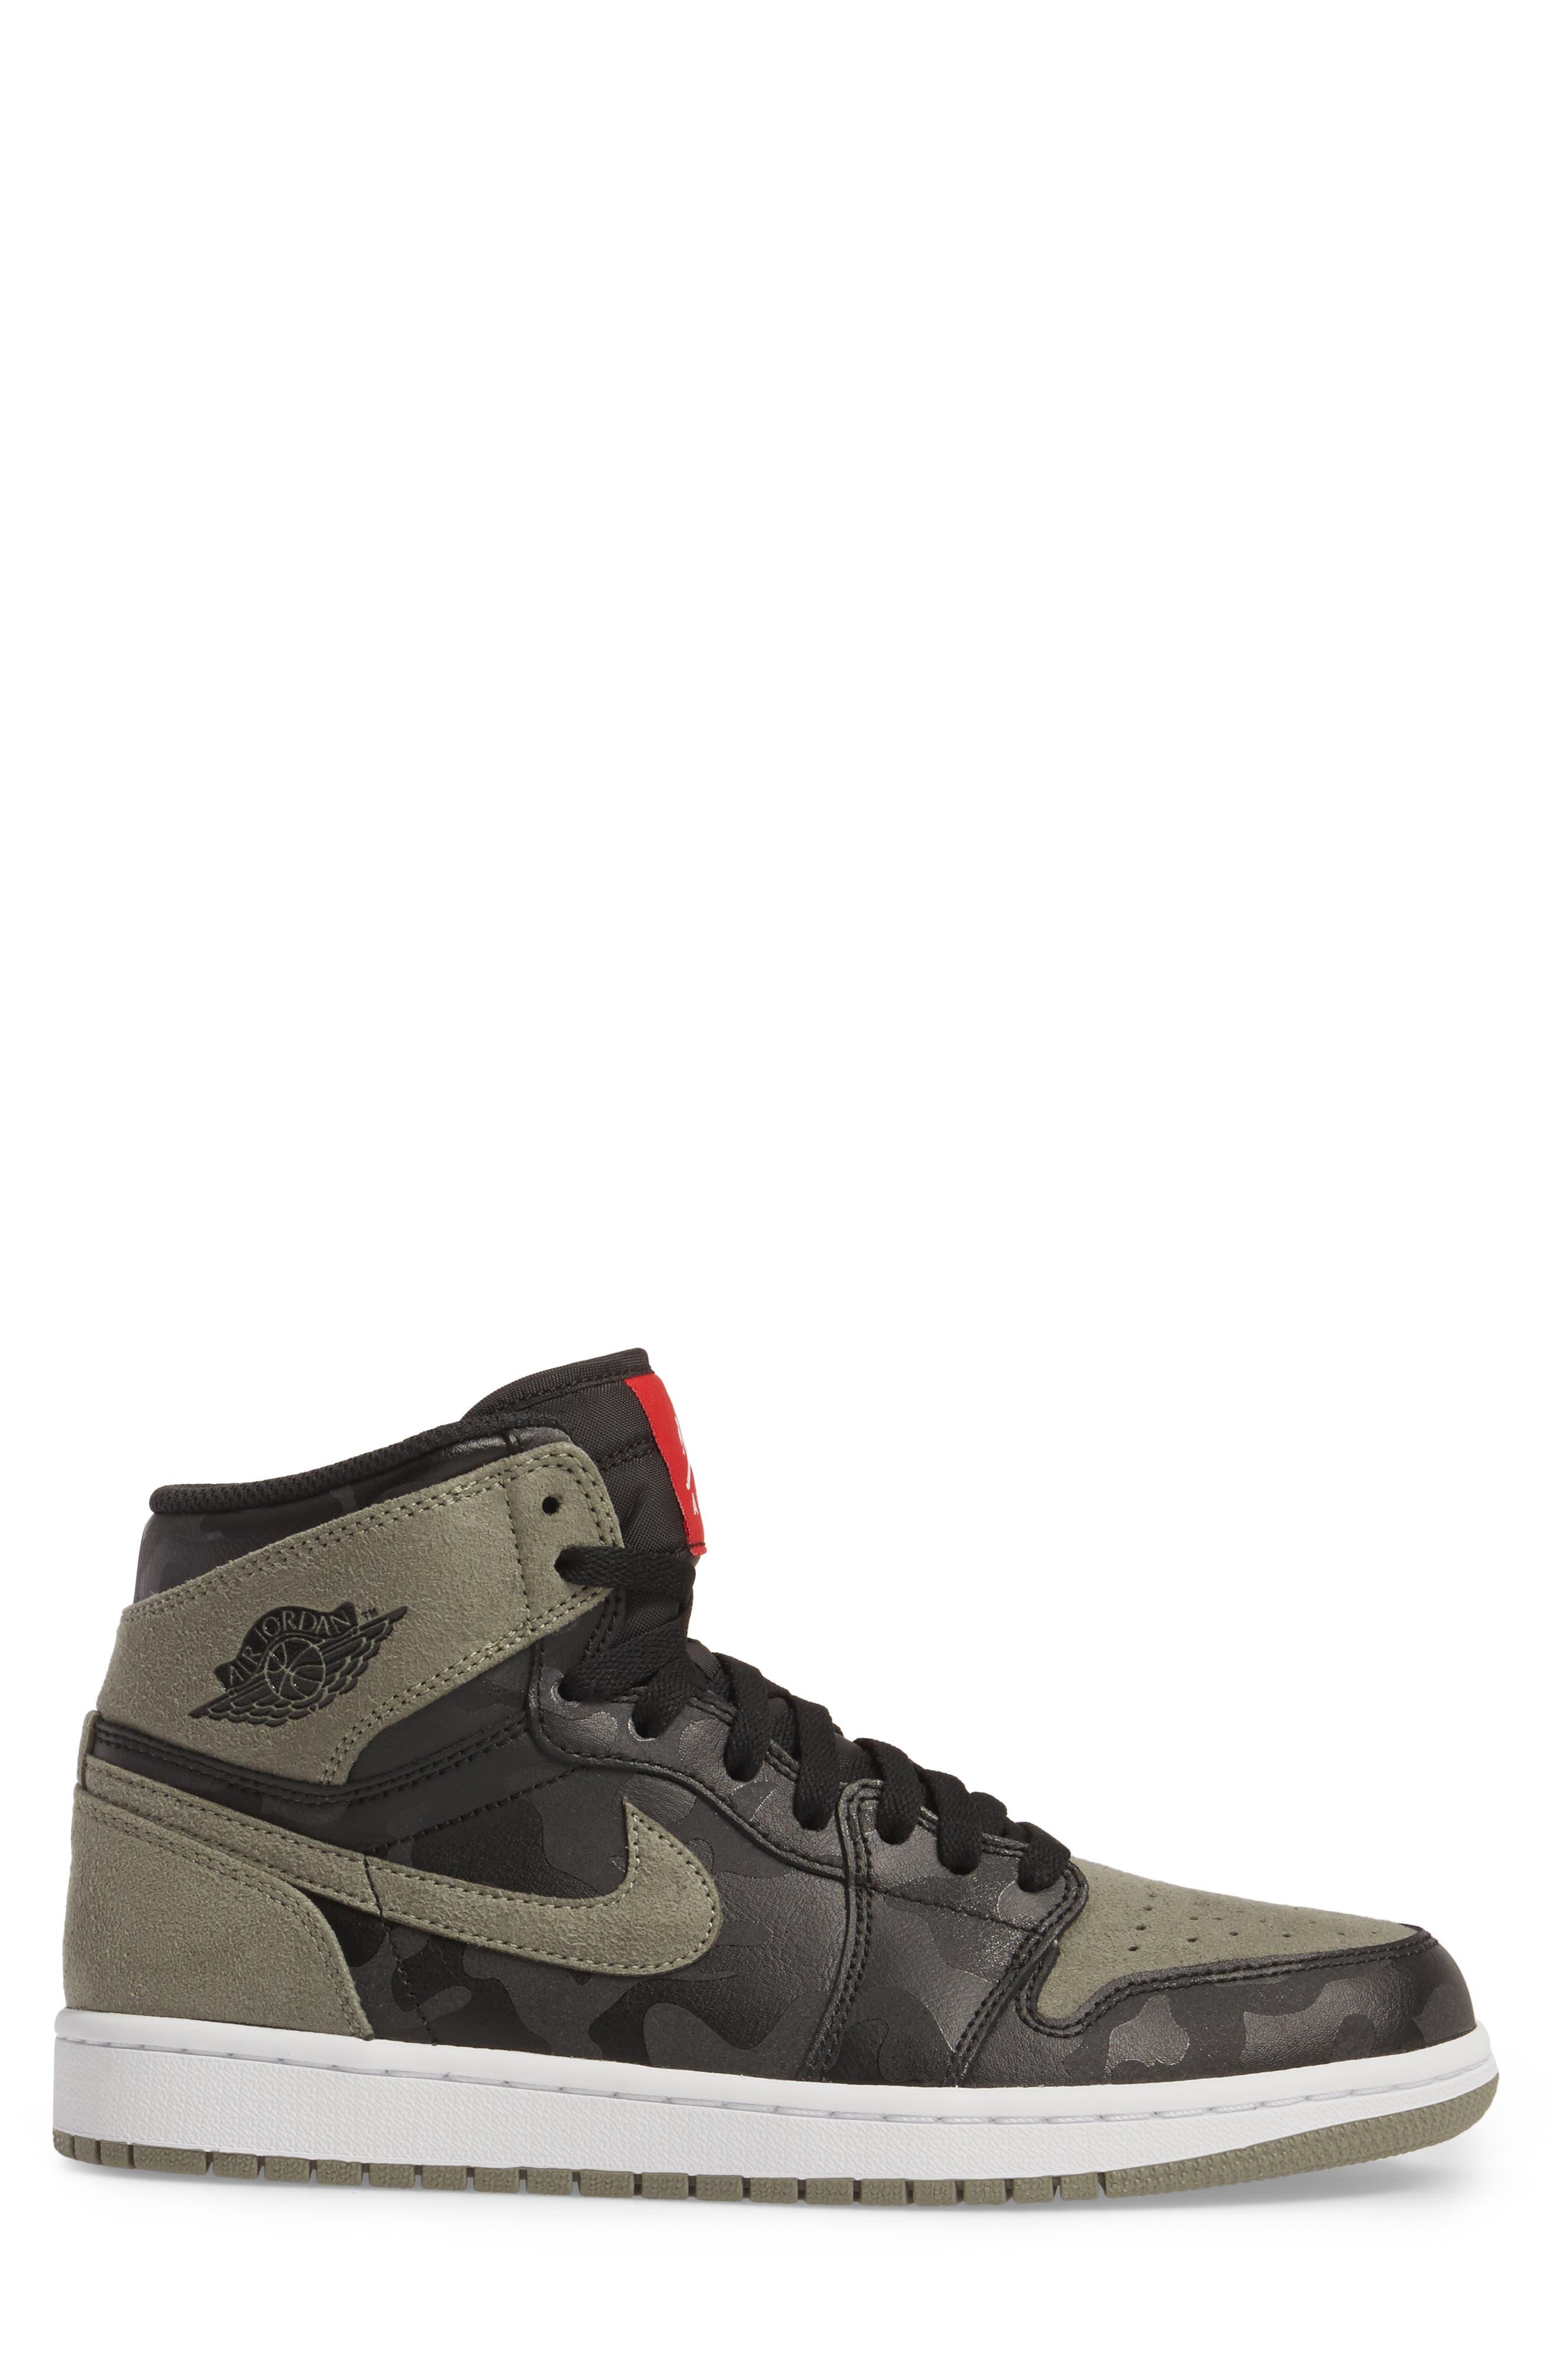 Air Jordan 1 Retro High Top Sneaker,                             Alternate thumbnail 3, color,                             003